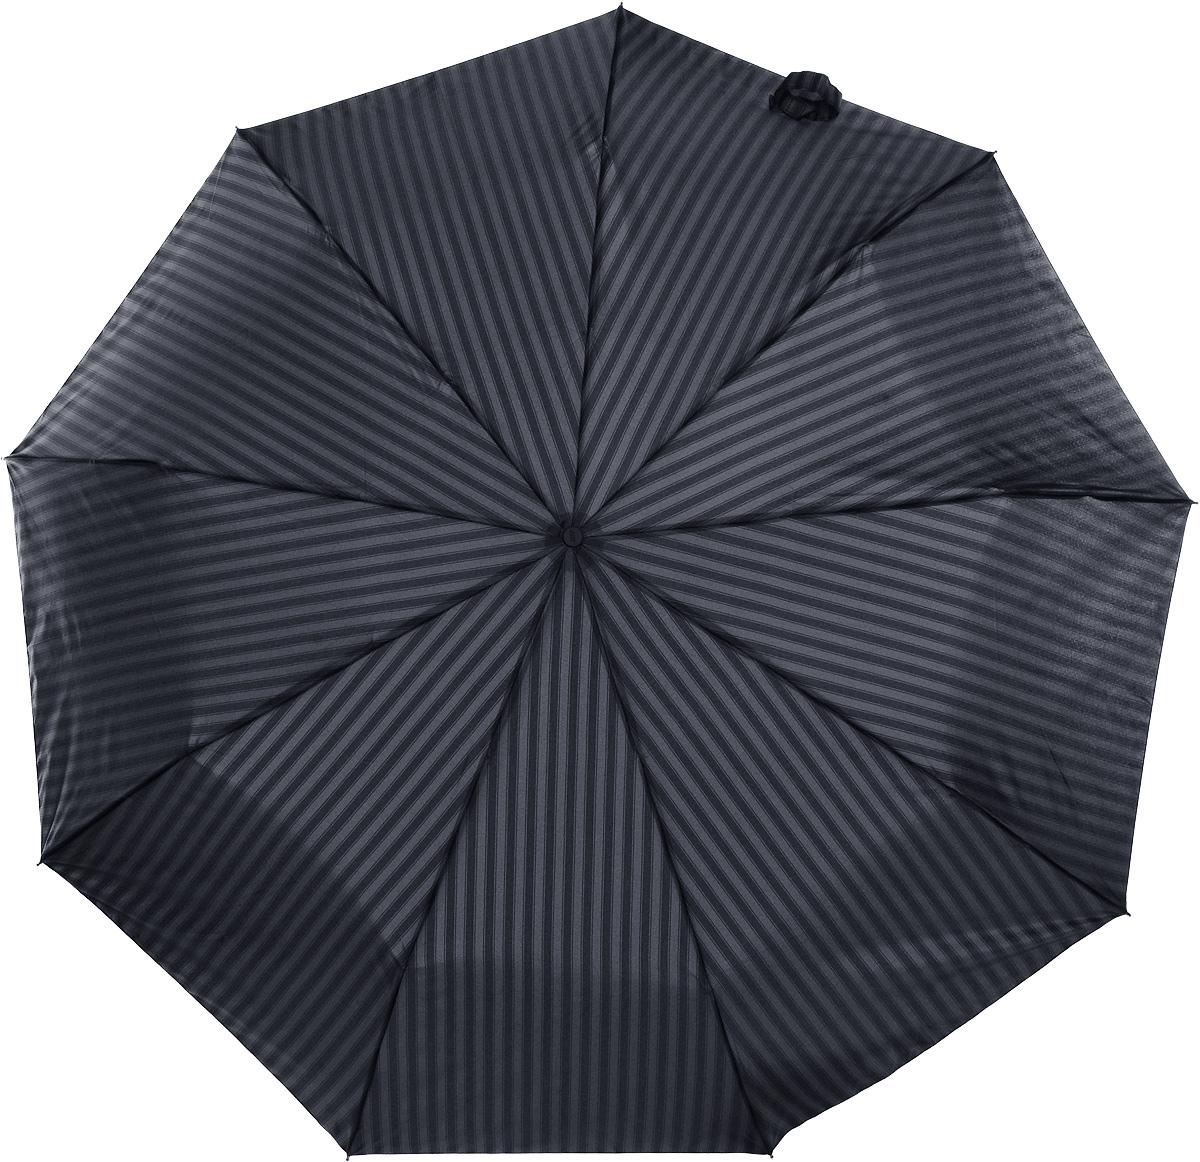 Зонт мужской Zest, автомат, 3 сложения, цвет: темно-серый, серый. 13953-1